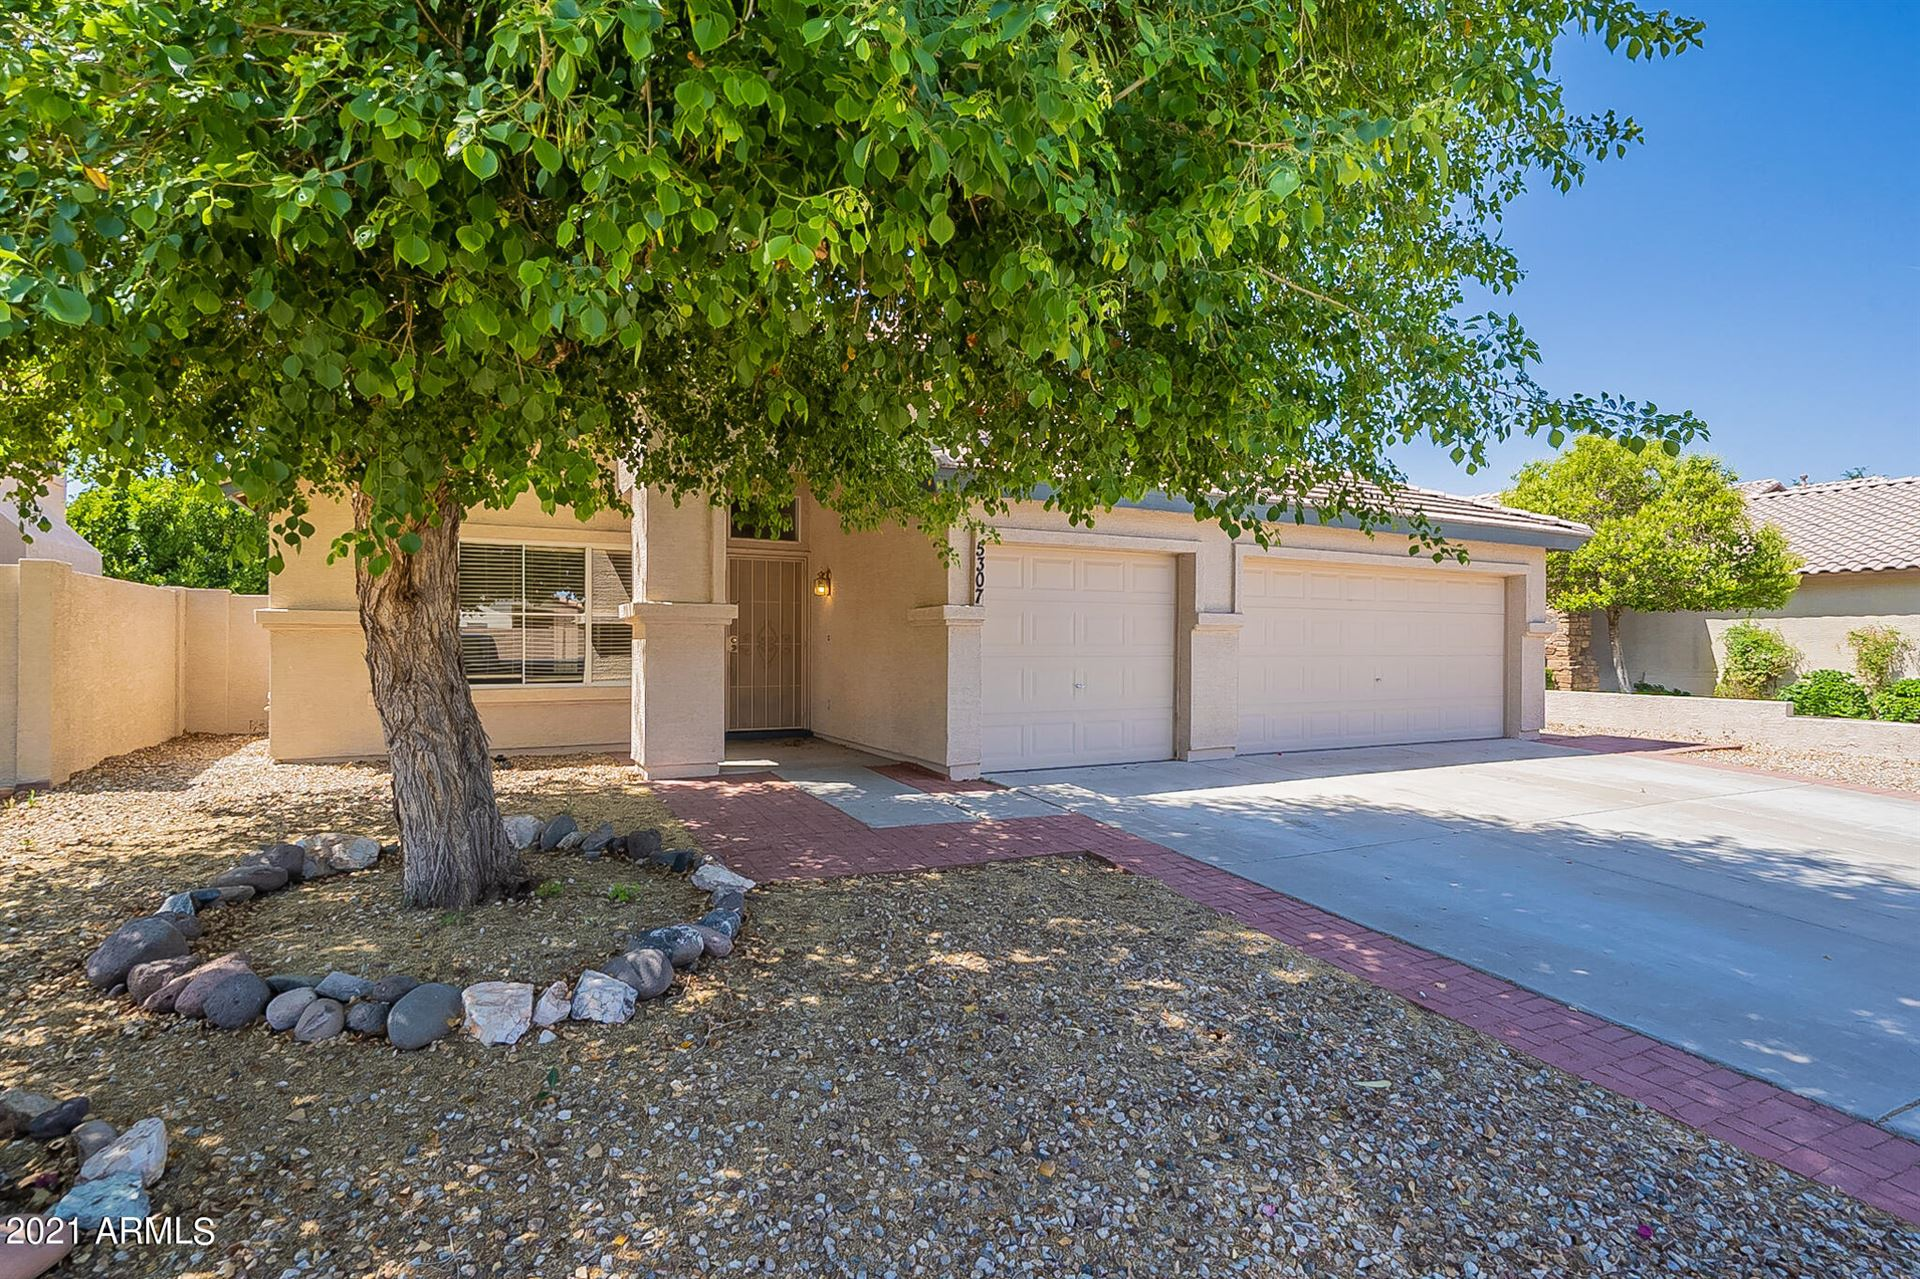 Photo of 5307 W KERRY Lane, Glendale, AZ 85308 (MLS # 6233652)